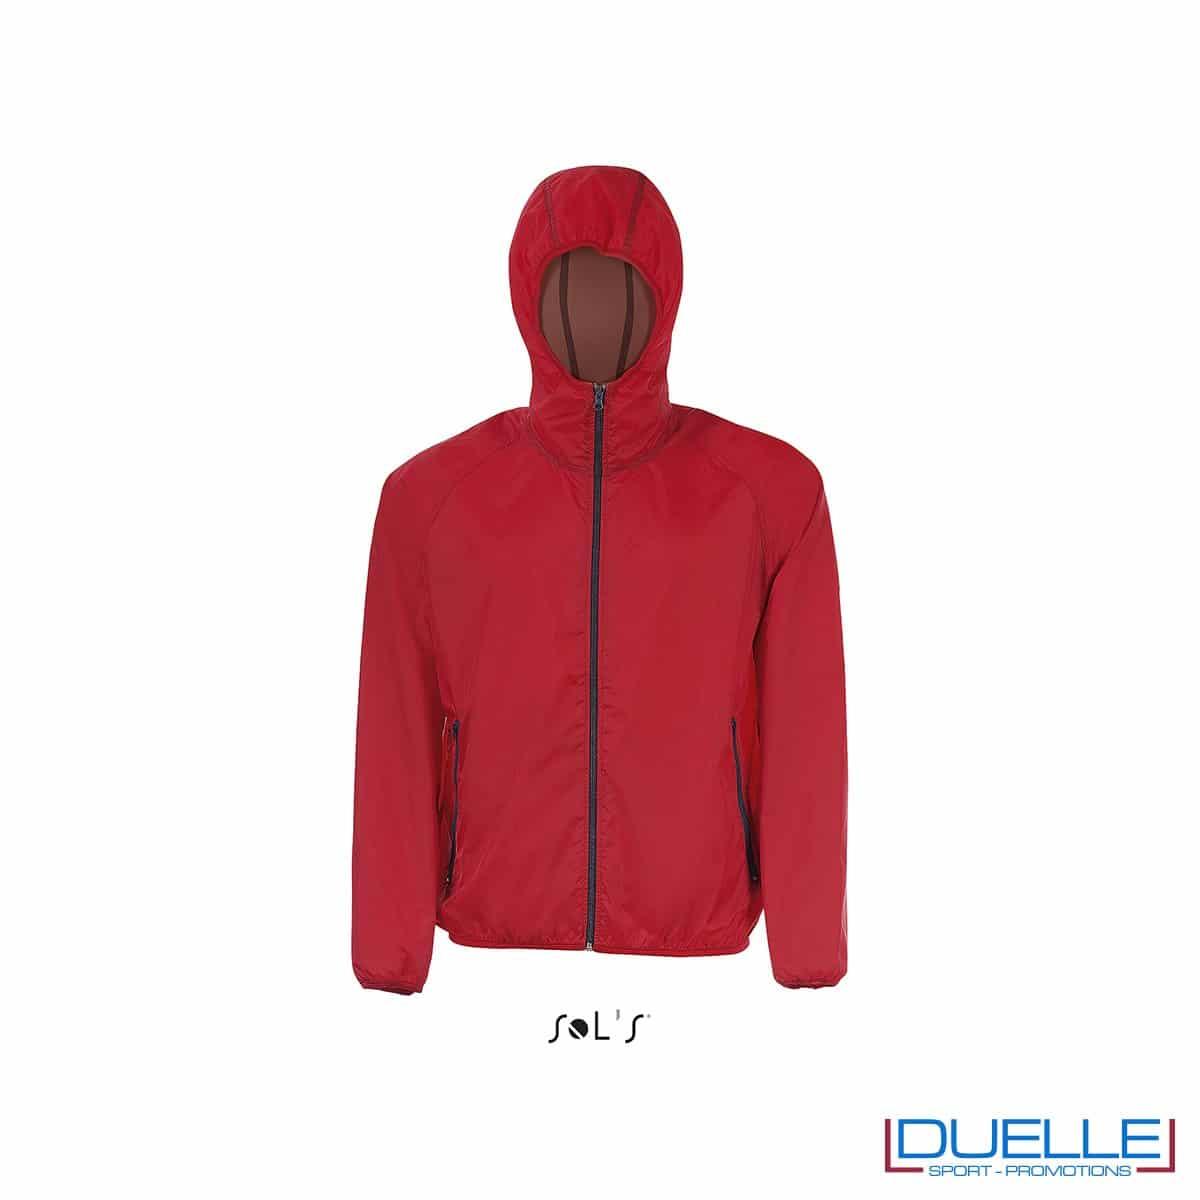 giacca antivento personalizzata in colore rosso, kappa way personalizzato rosso, k-way personalizzato rosso, abbigliamento promozionale personalizzato